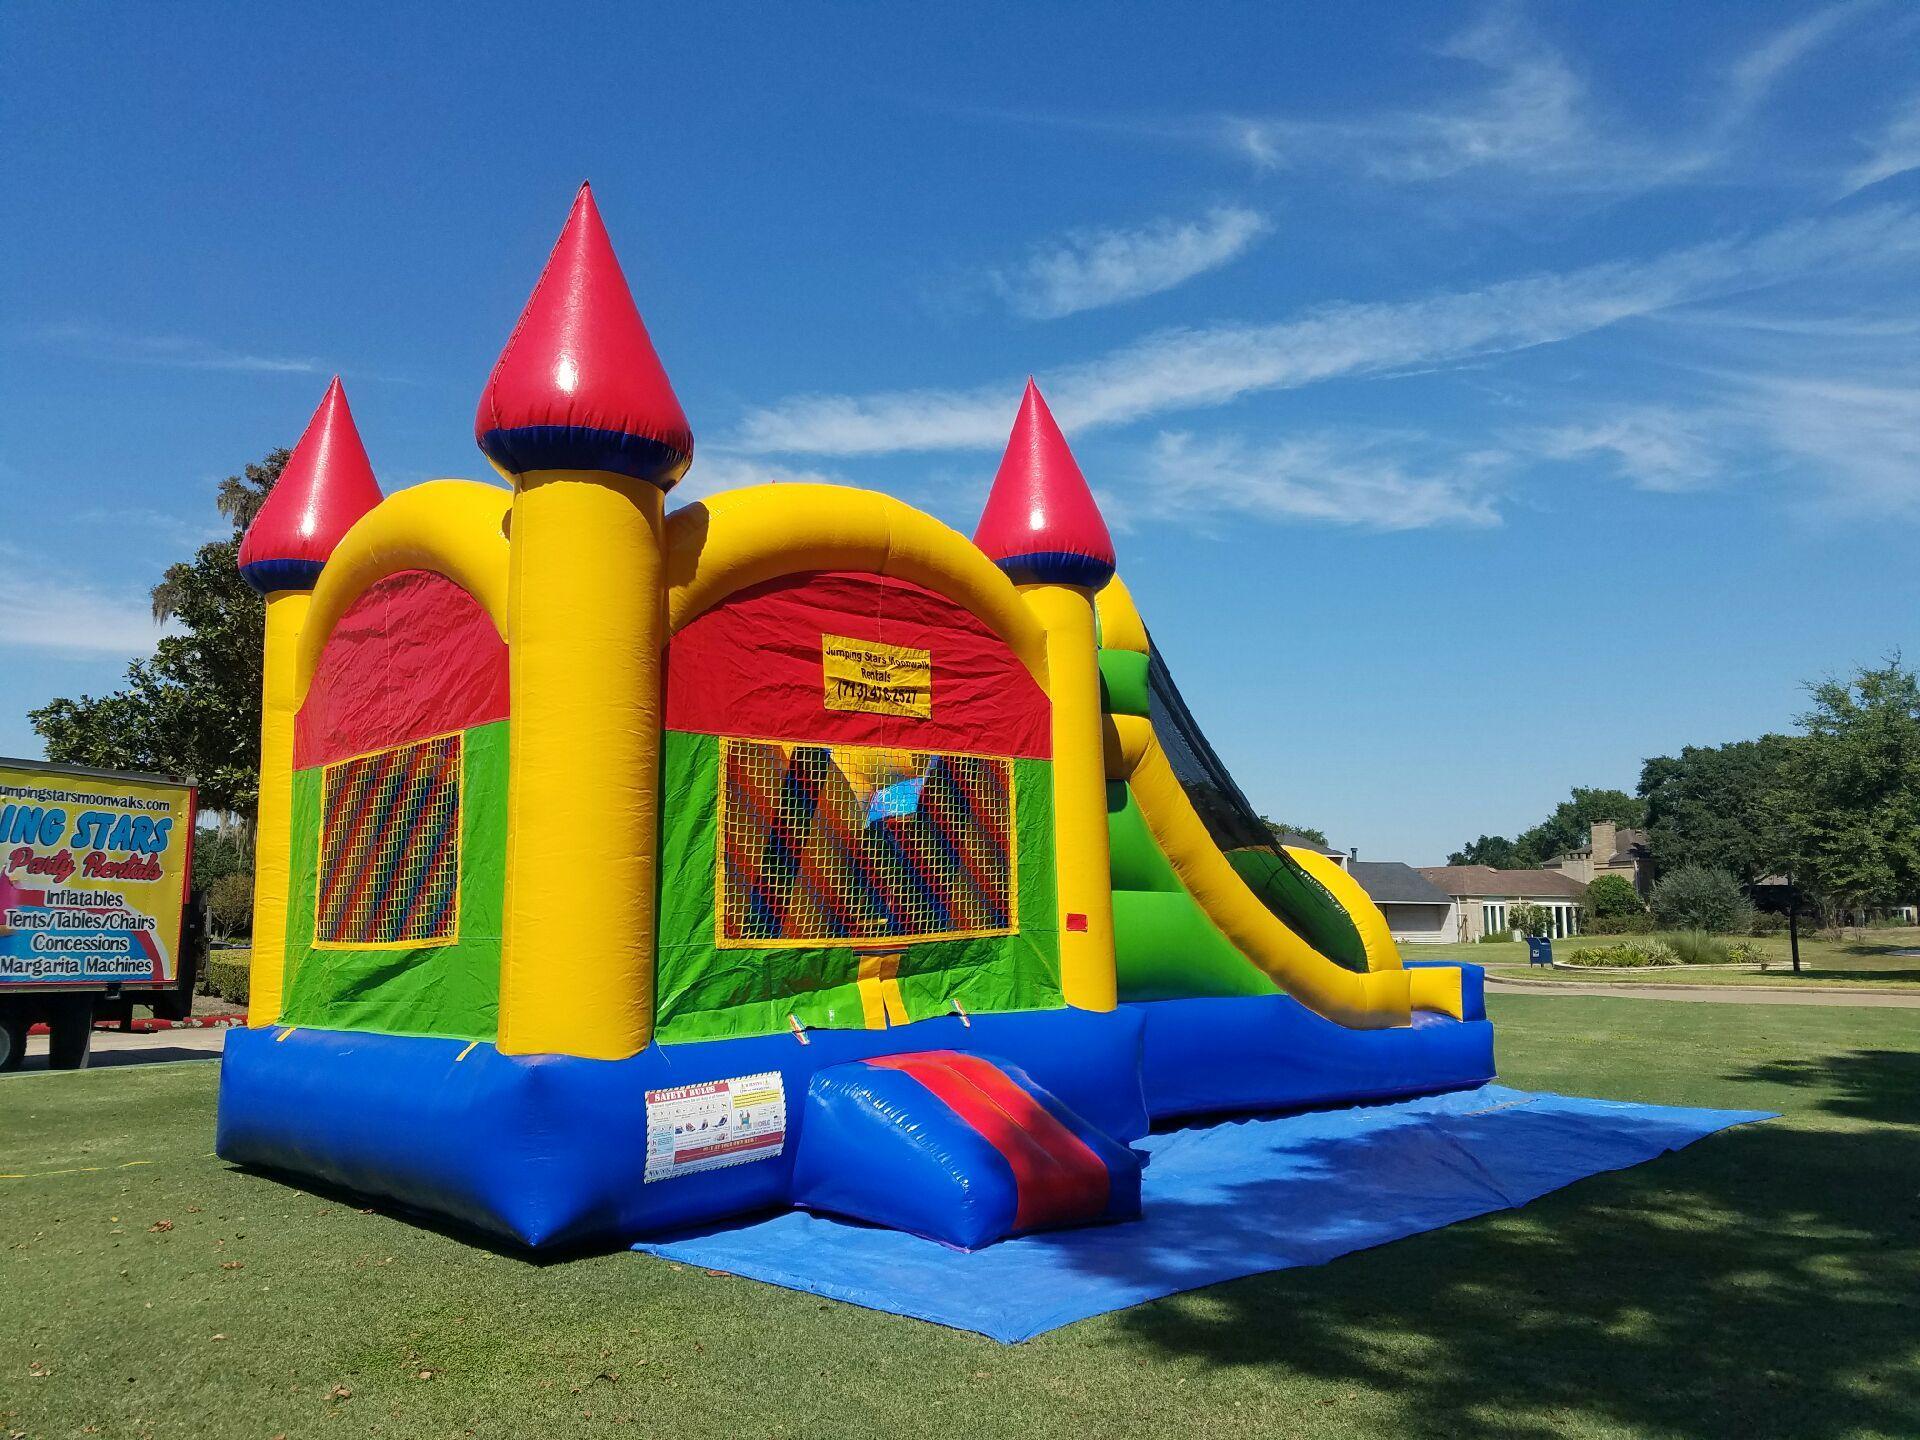 JUMPING STARS PARTY RENTALS & Castle Dry Combo (13u0027x30u0027) $150.00 plus tax